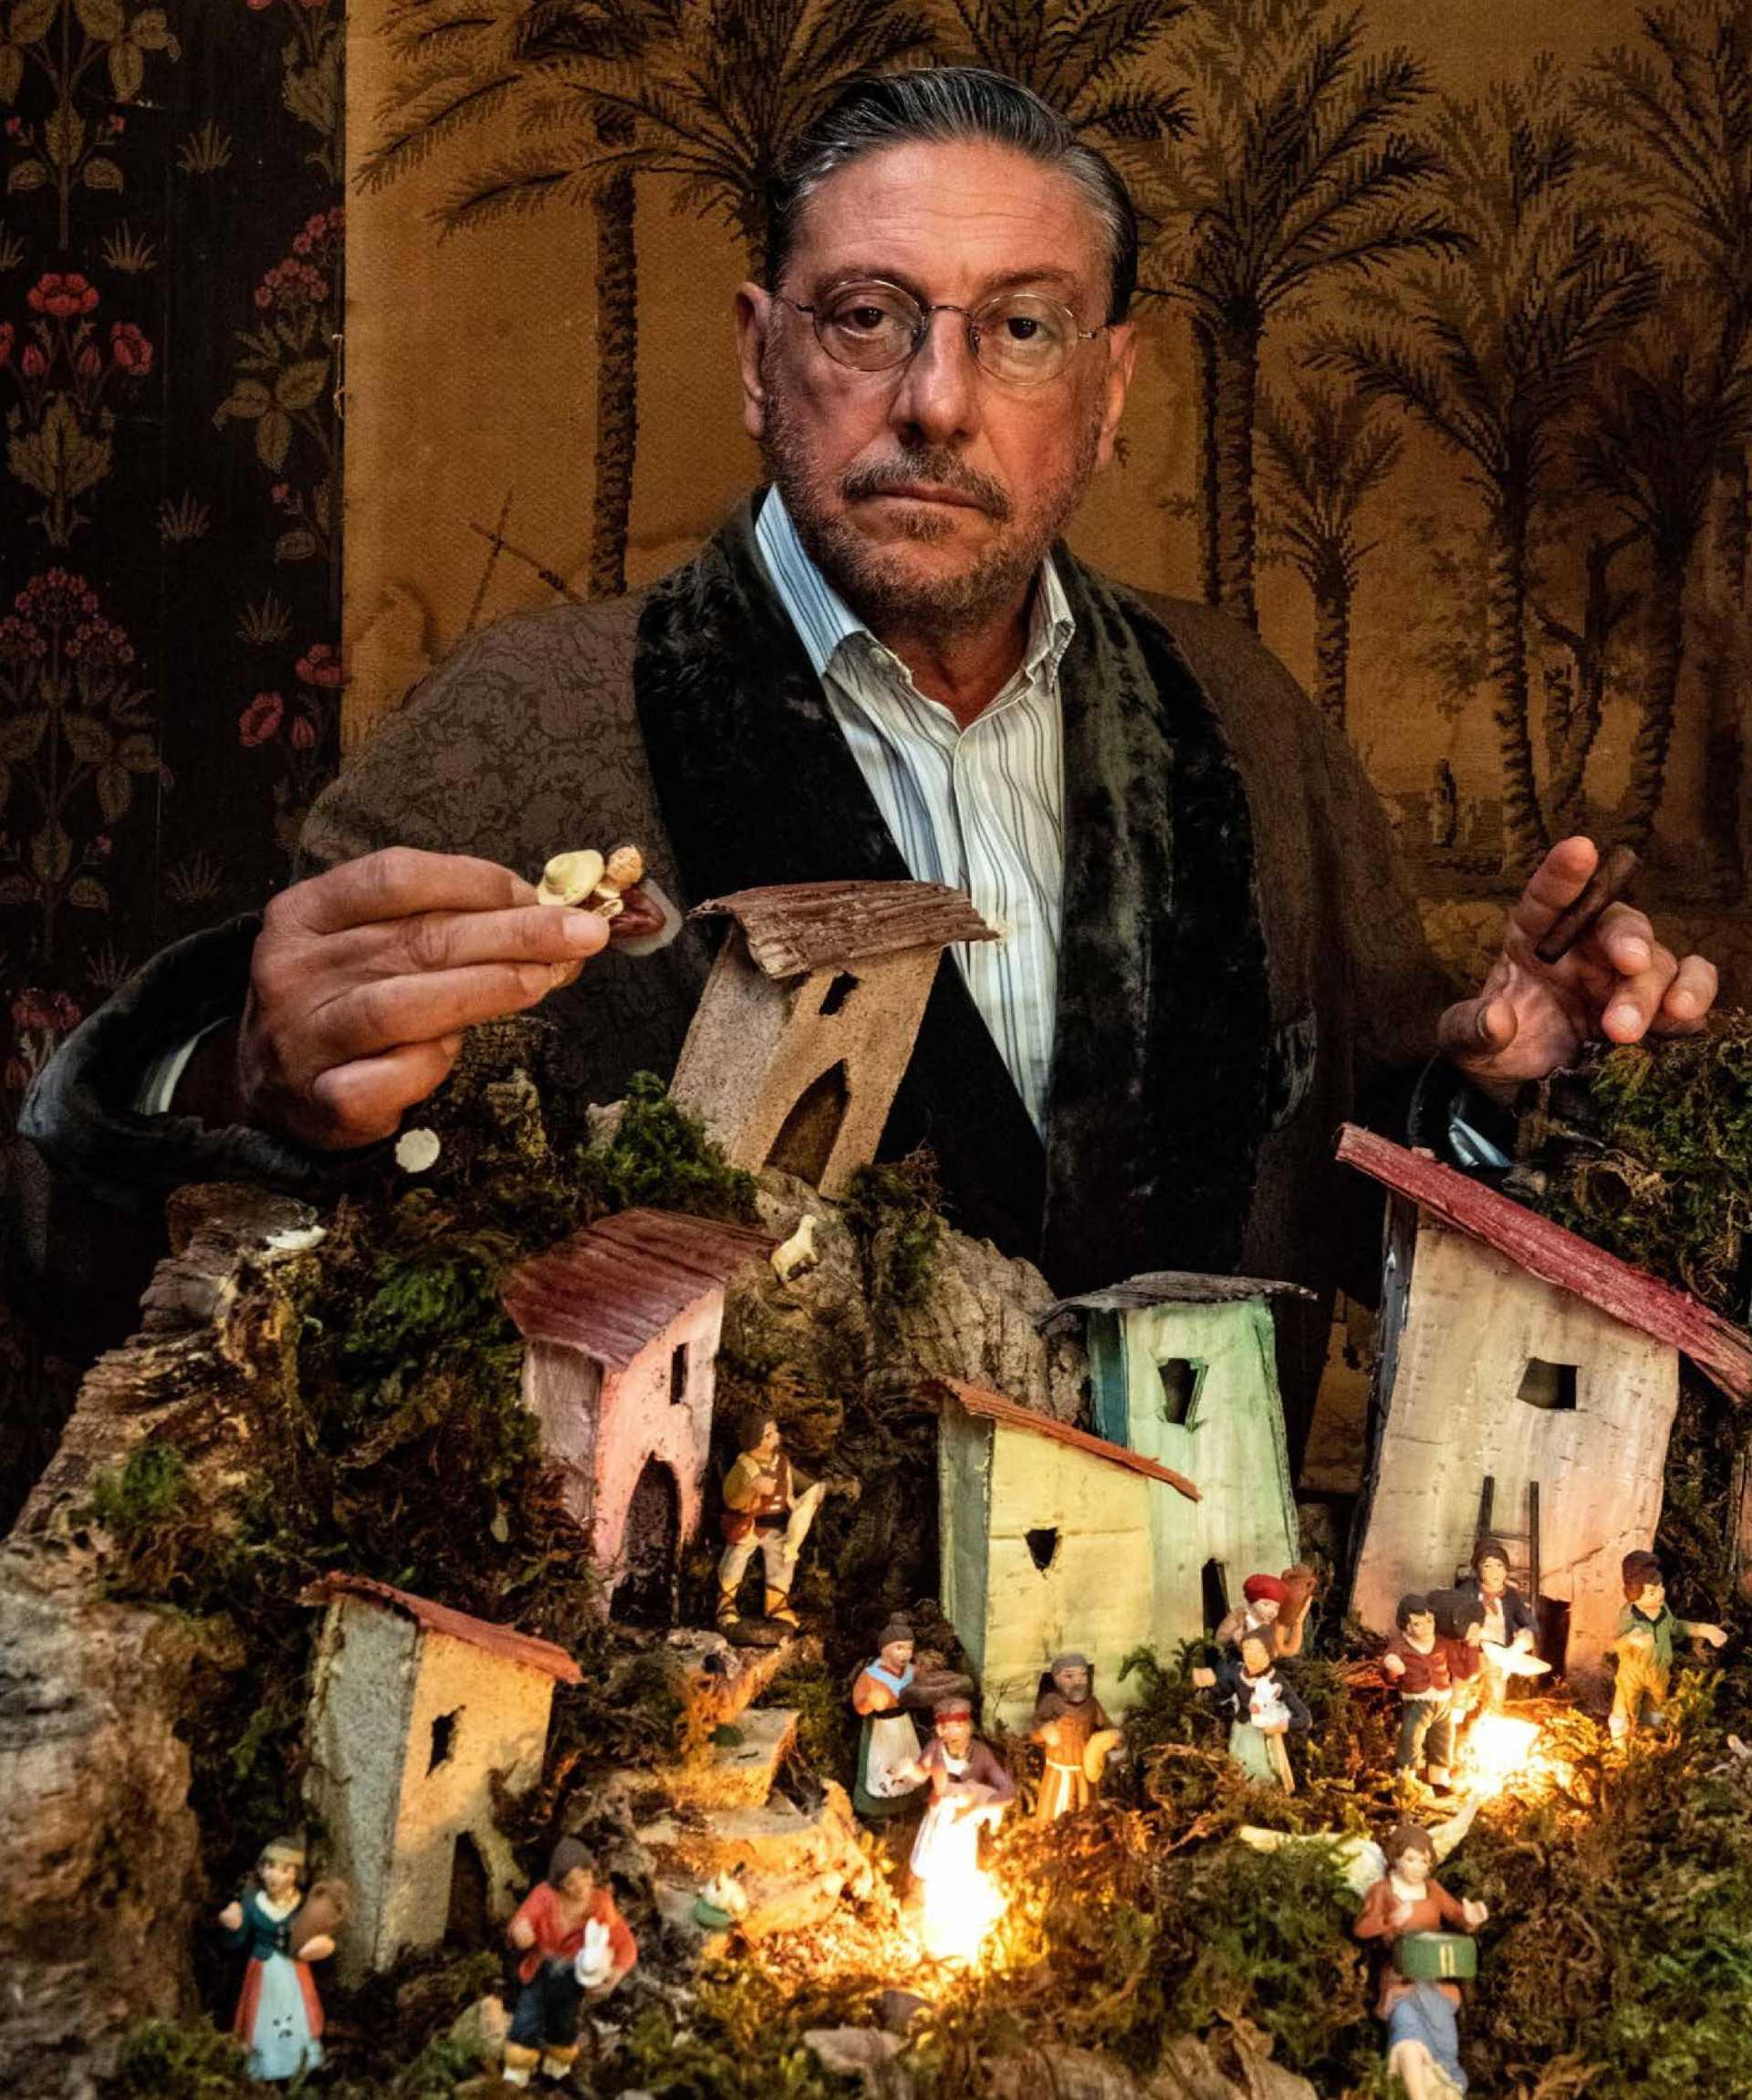 """""""Natale in casa Cupiello"""" diventa film su Rai Uno e conquista tra 5.6 milioni di telespettatori per uno share al 23.9%."""